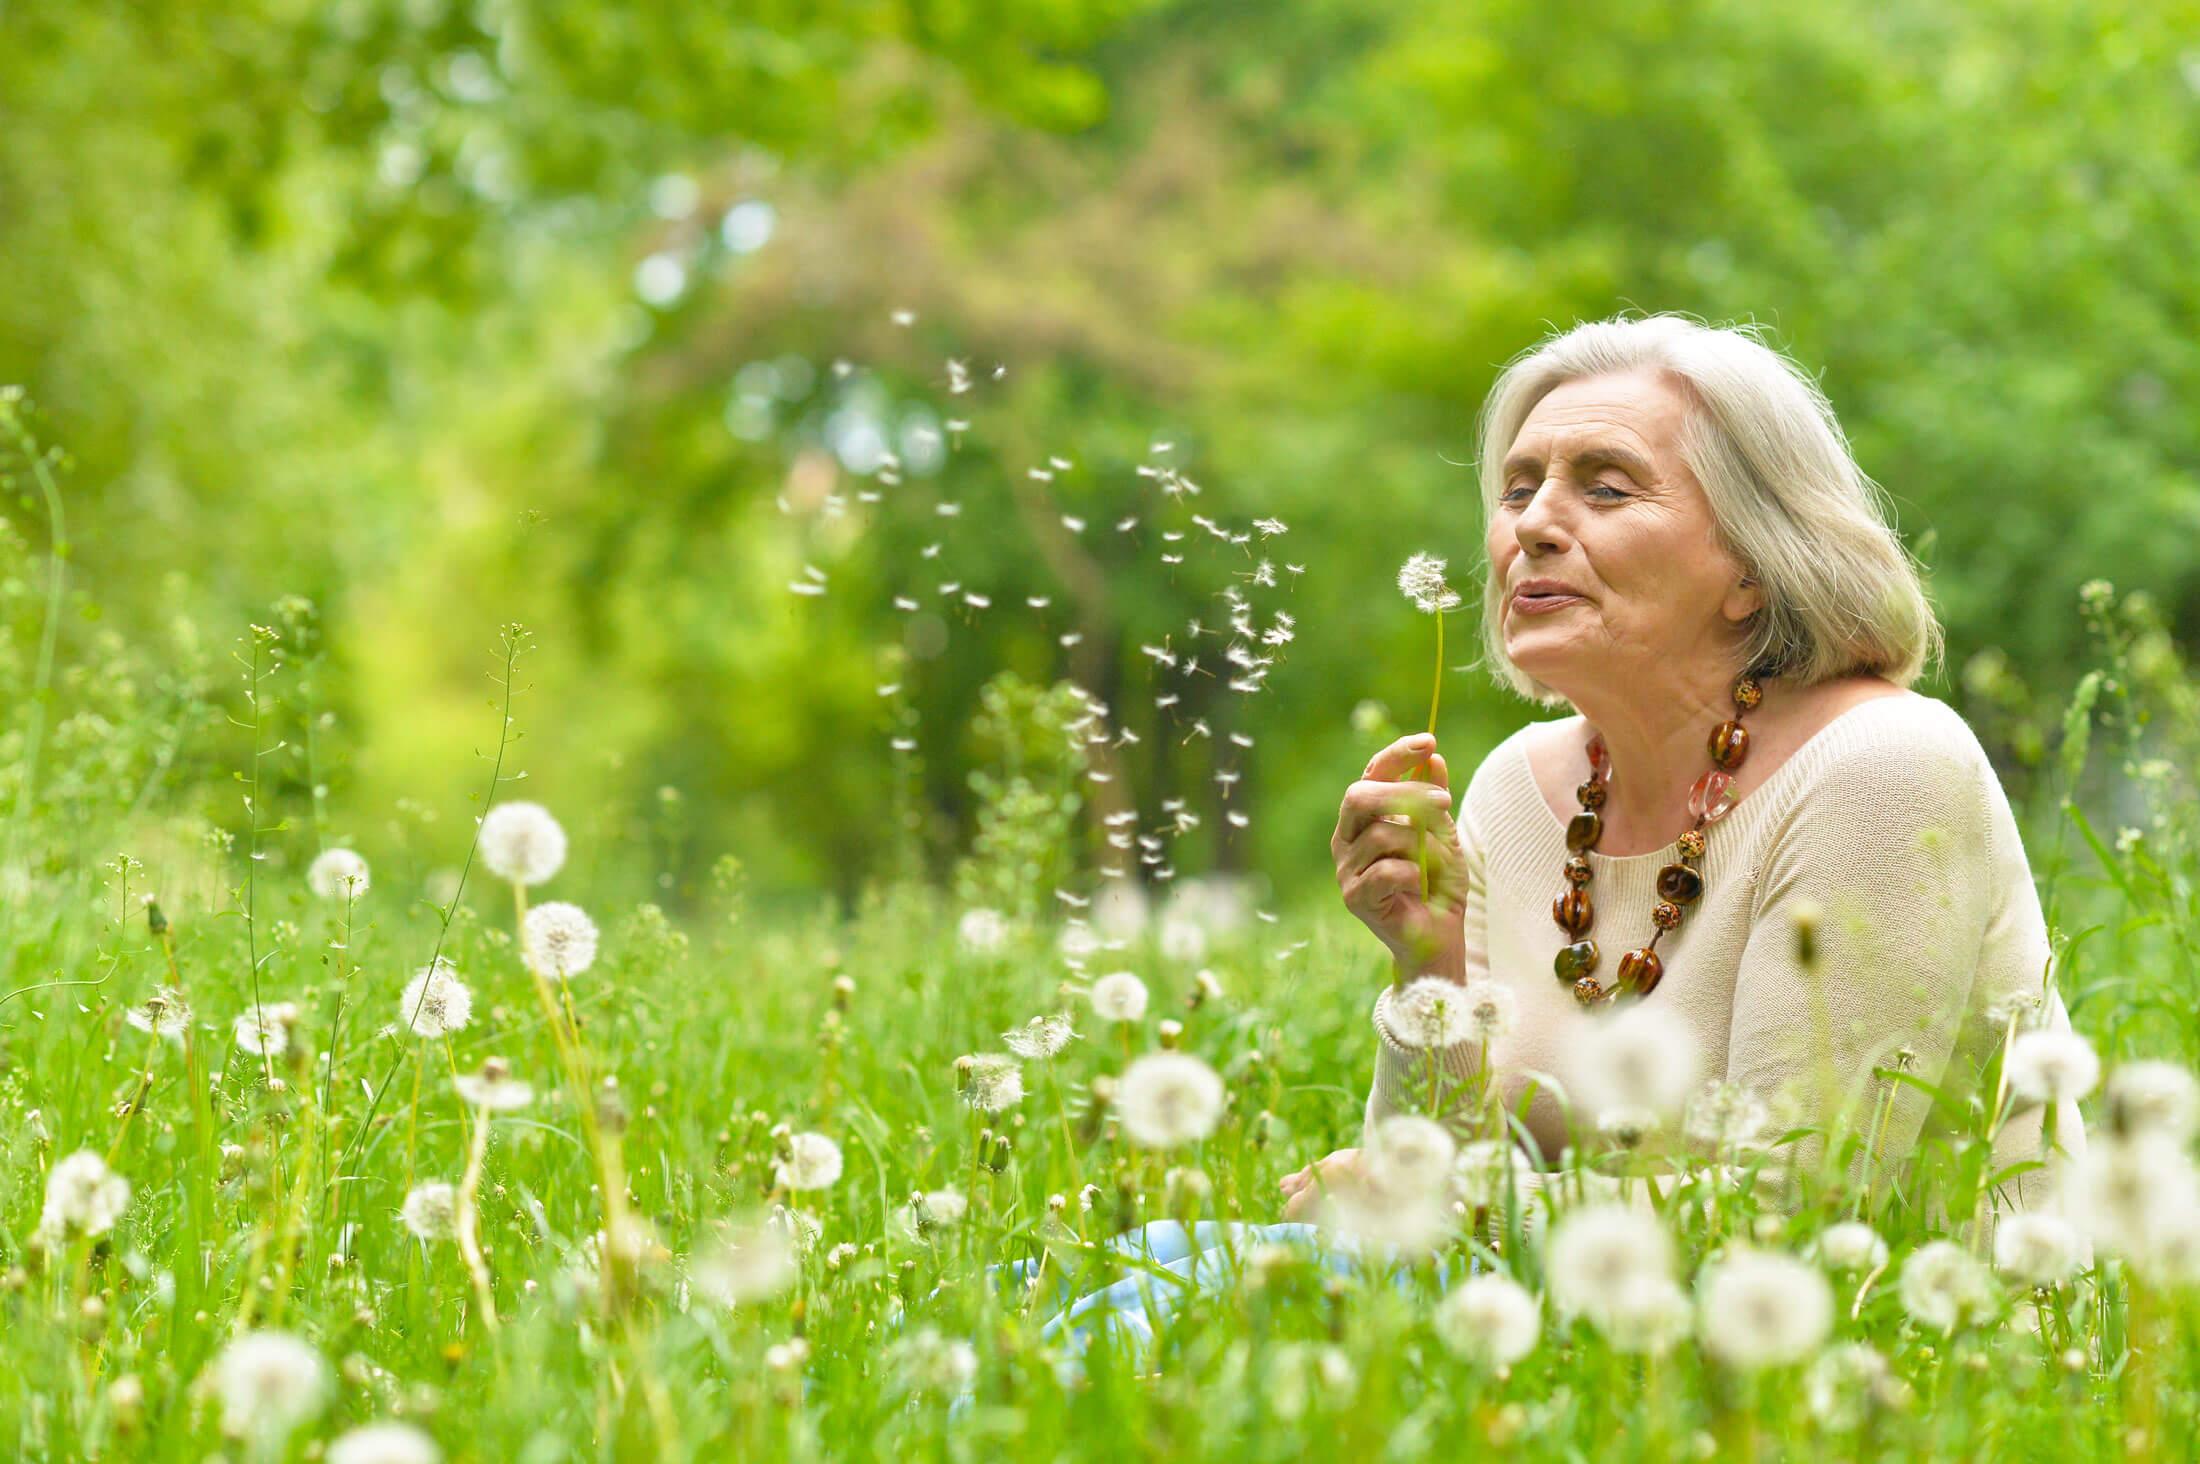 Should i choose assisted living?